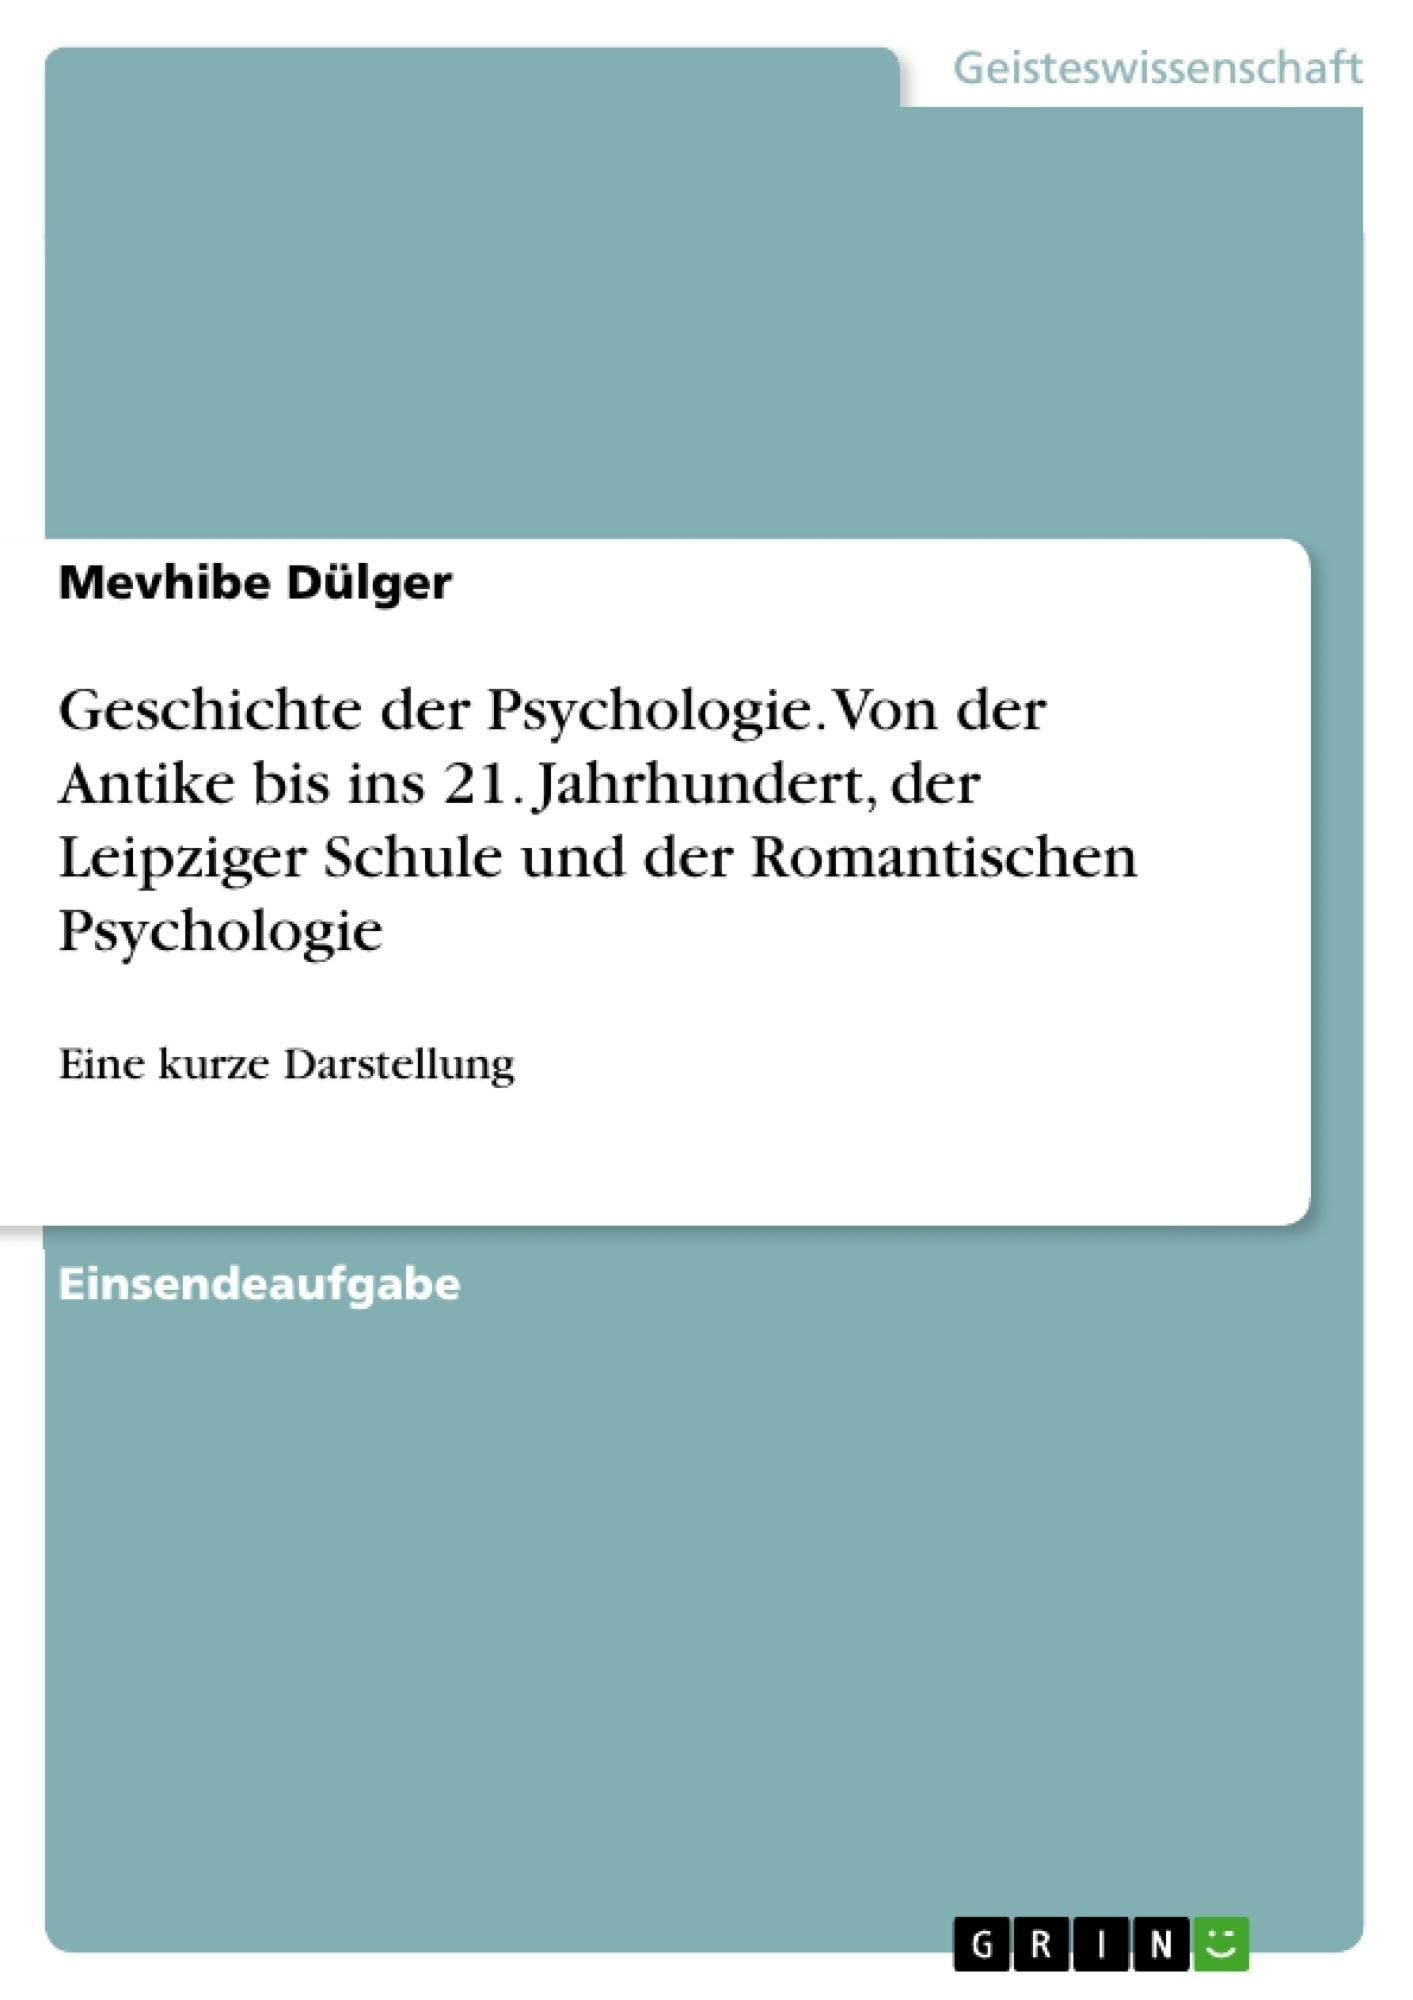 Titel: Geschichte der Psychologie. Von der Antike bis ins 21. Jahrhundert, der Leipziger Schule und der Romantischen Psychologie